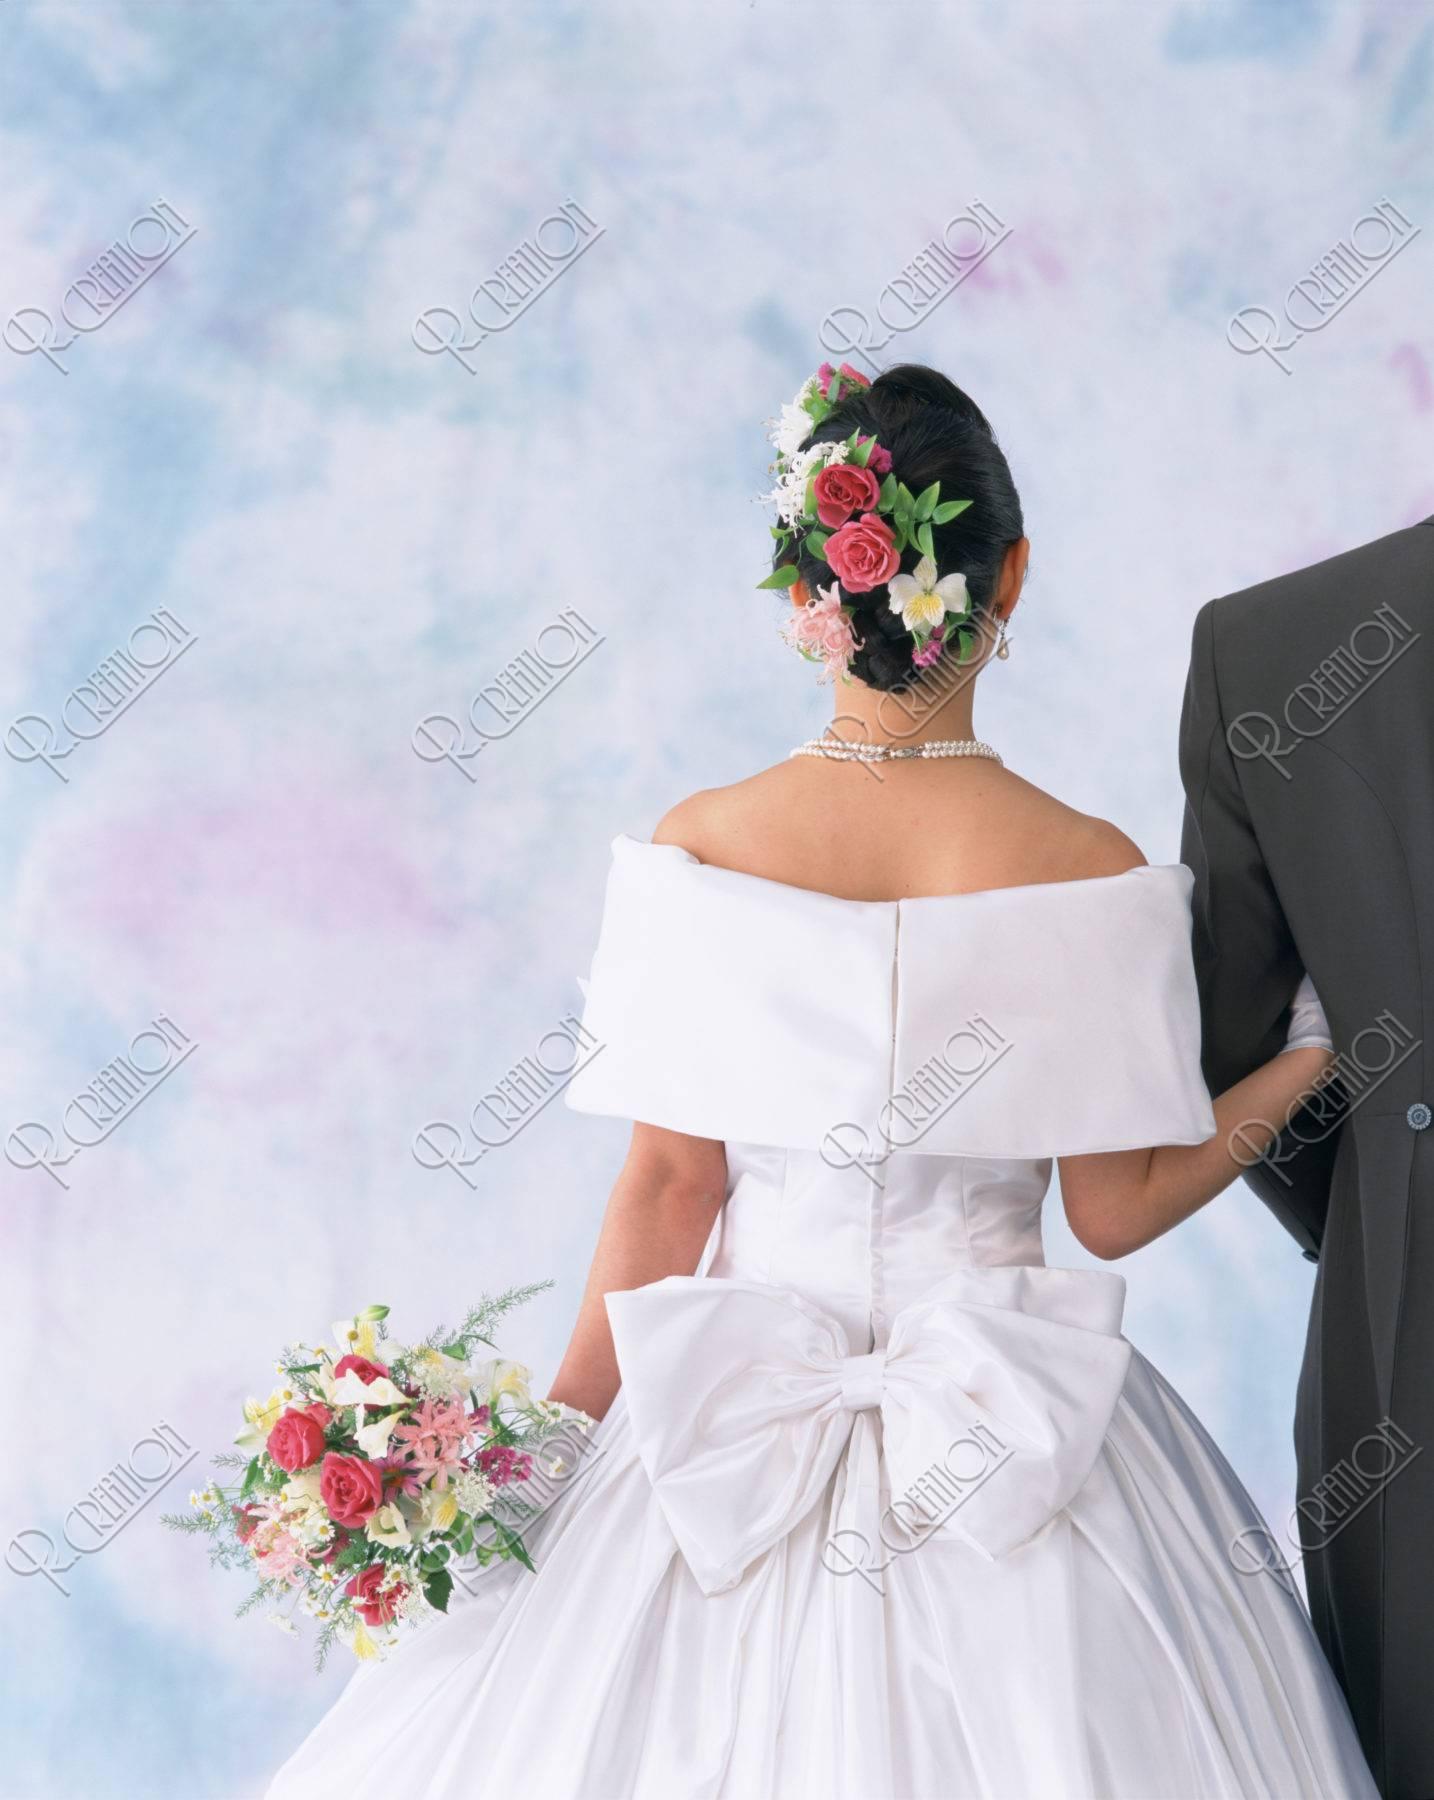 後ろ姿のウェディングのカップル | ストックフォト | アールクリエーション